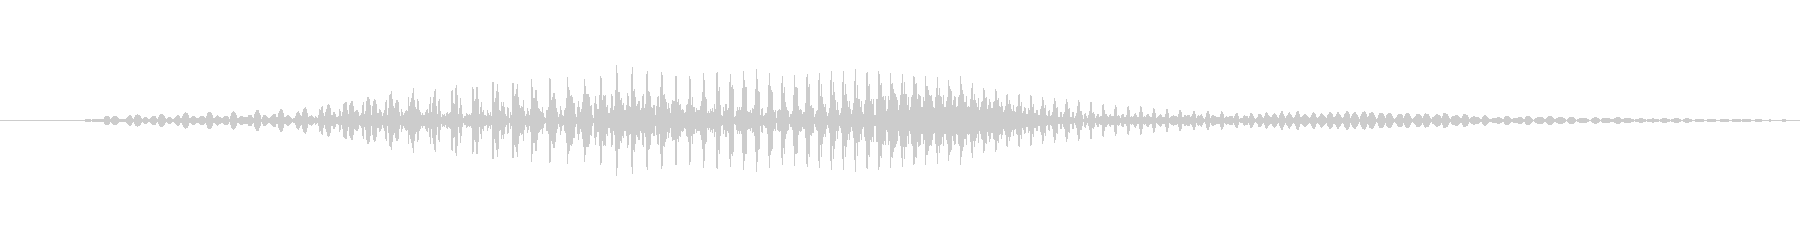 「ロン」麻雀の未再生の波形